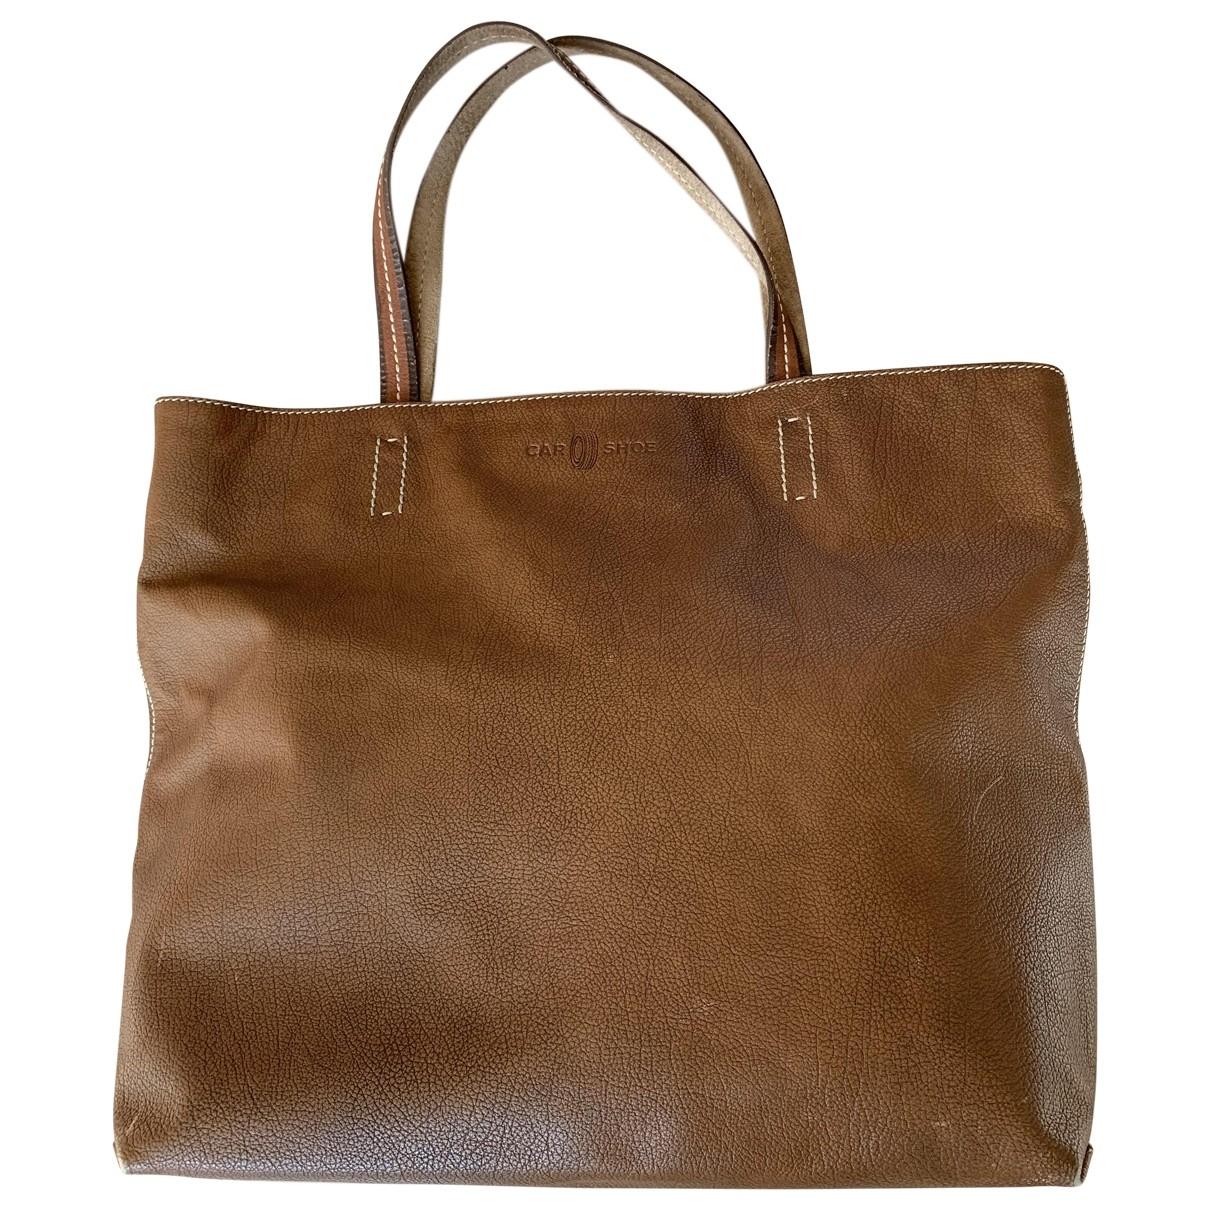 Carshoe - Sac   pour homme en cuir - marron